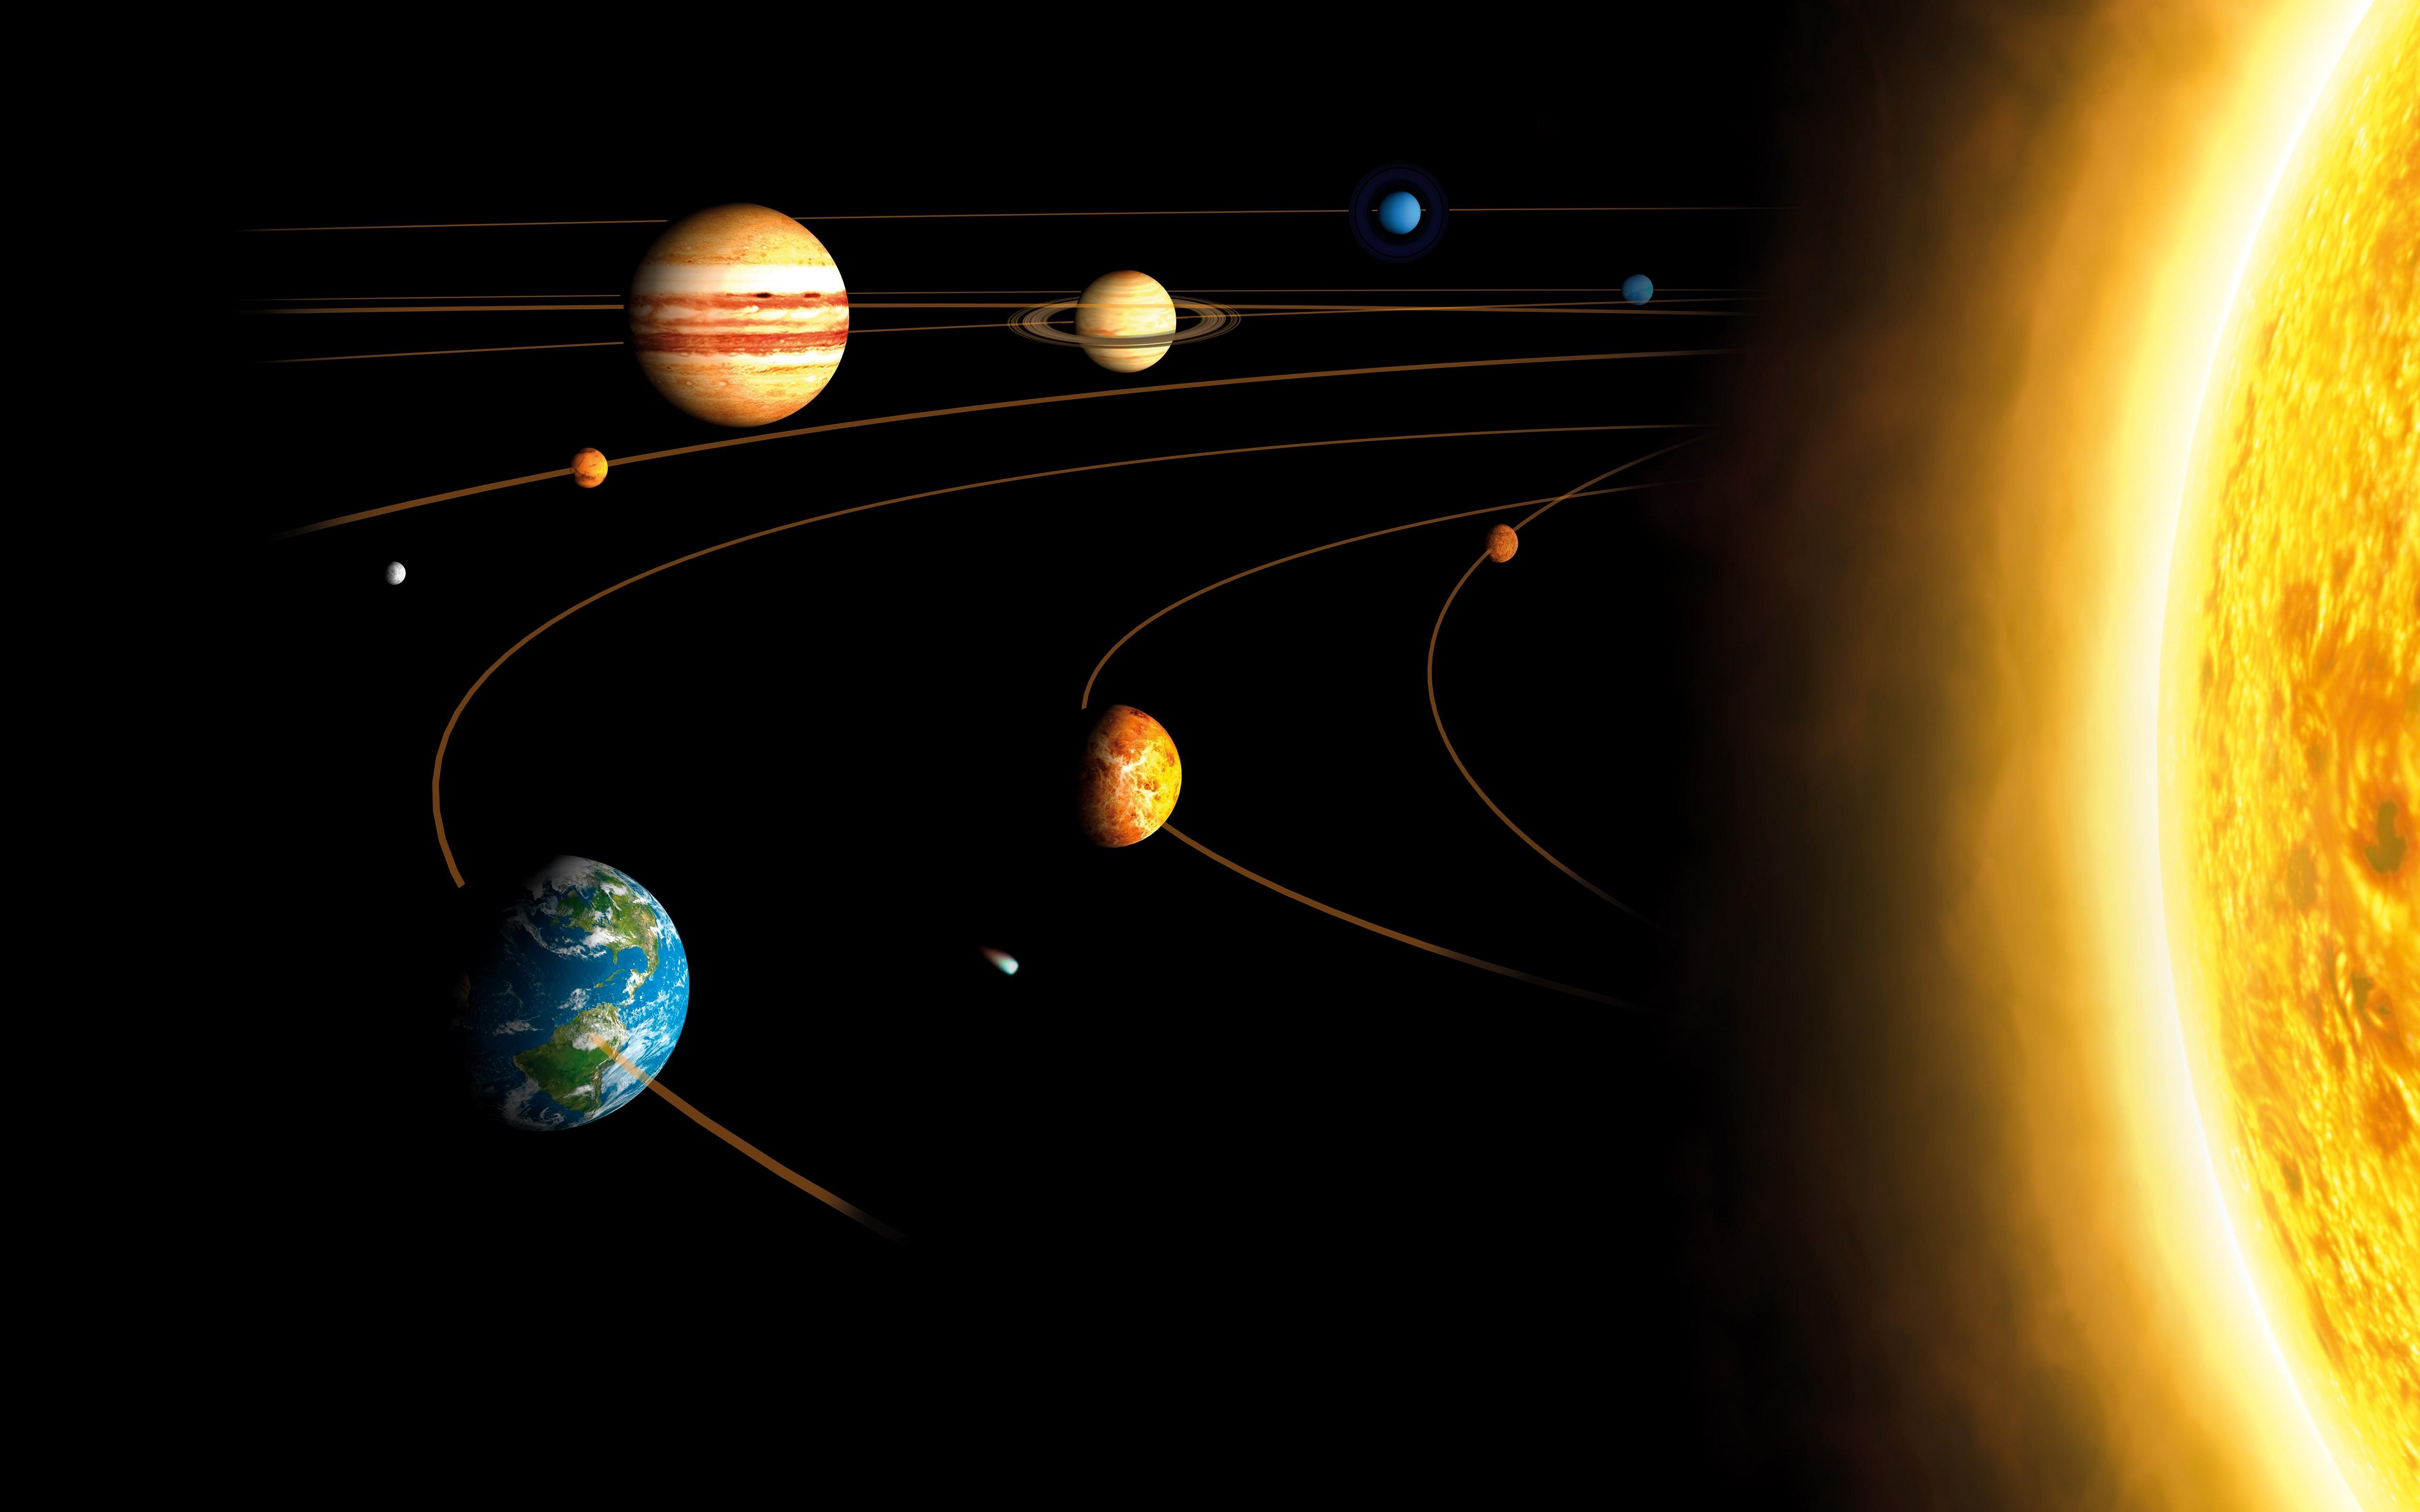 чем больше смотреть фото планет солнечной системы доверился ей, раз